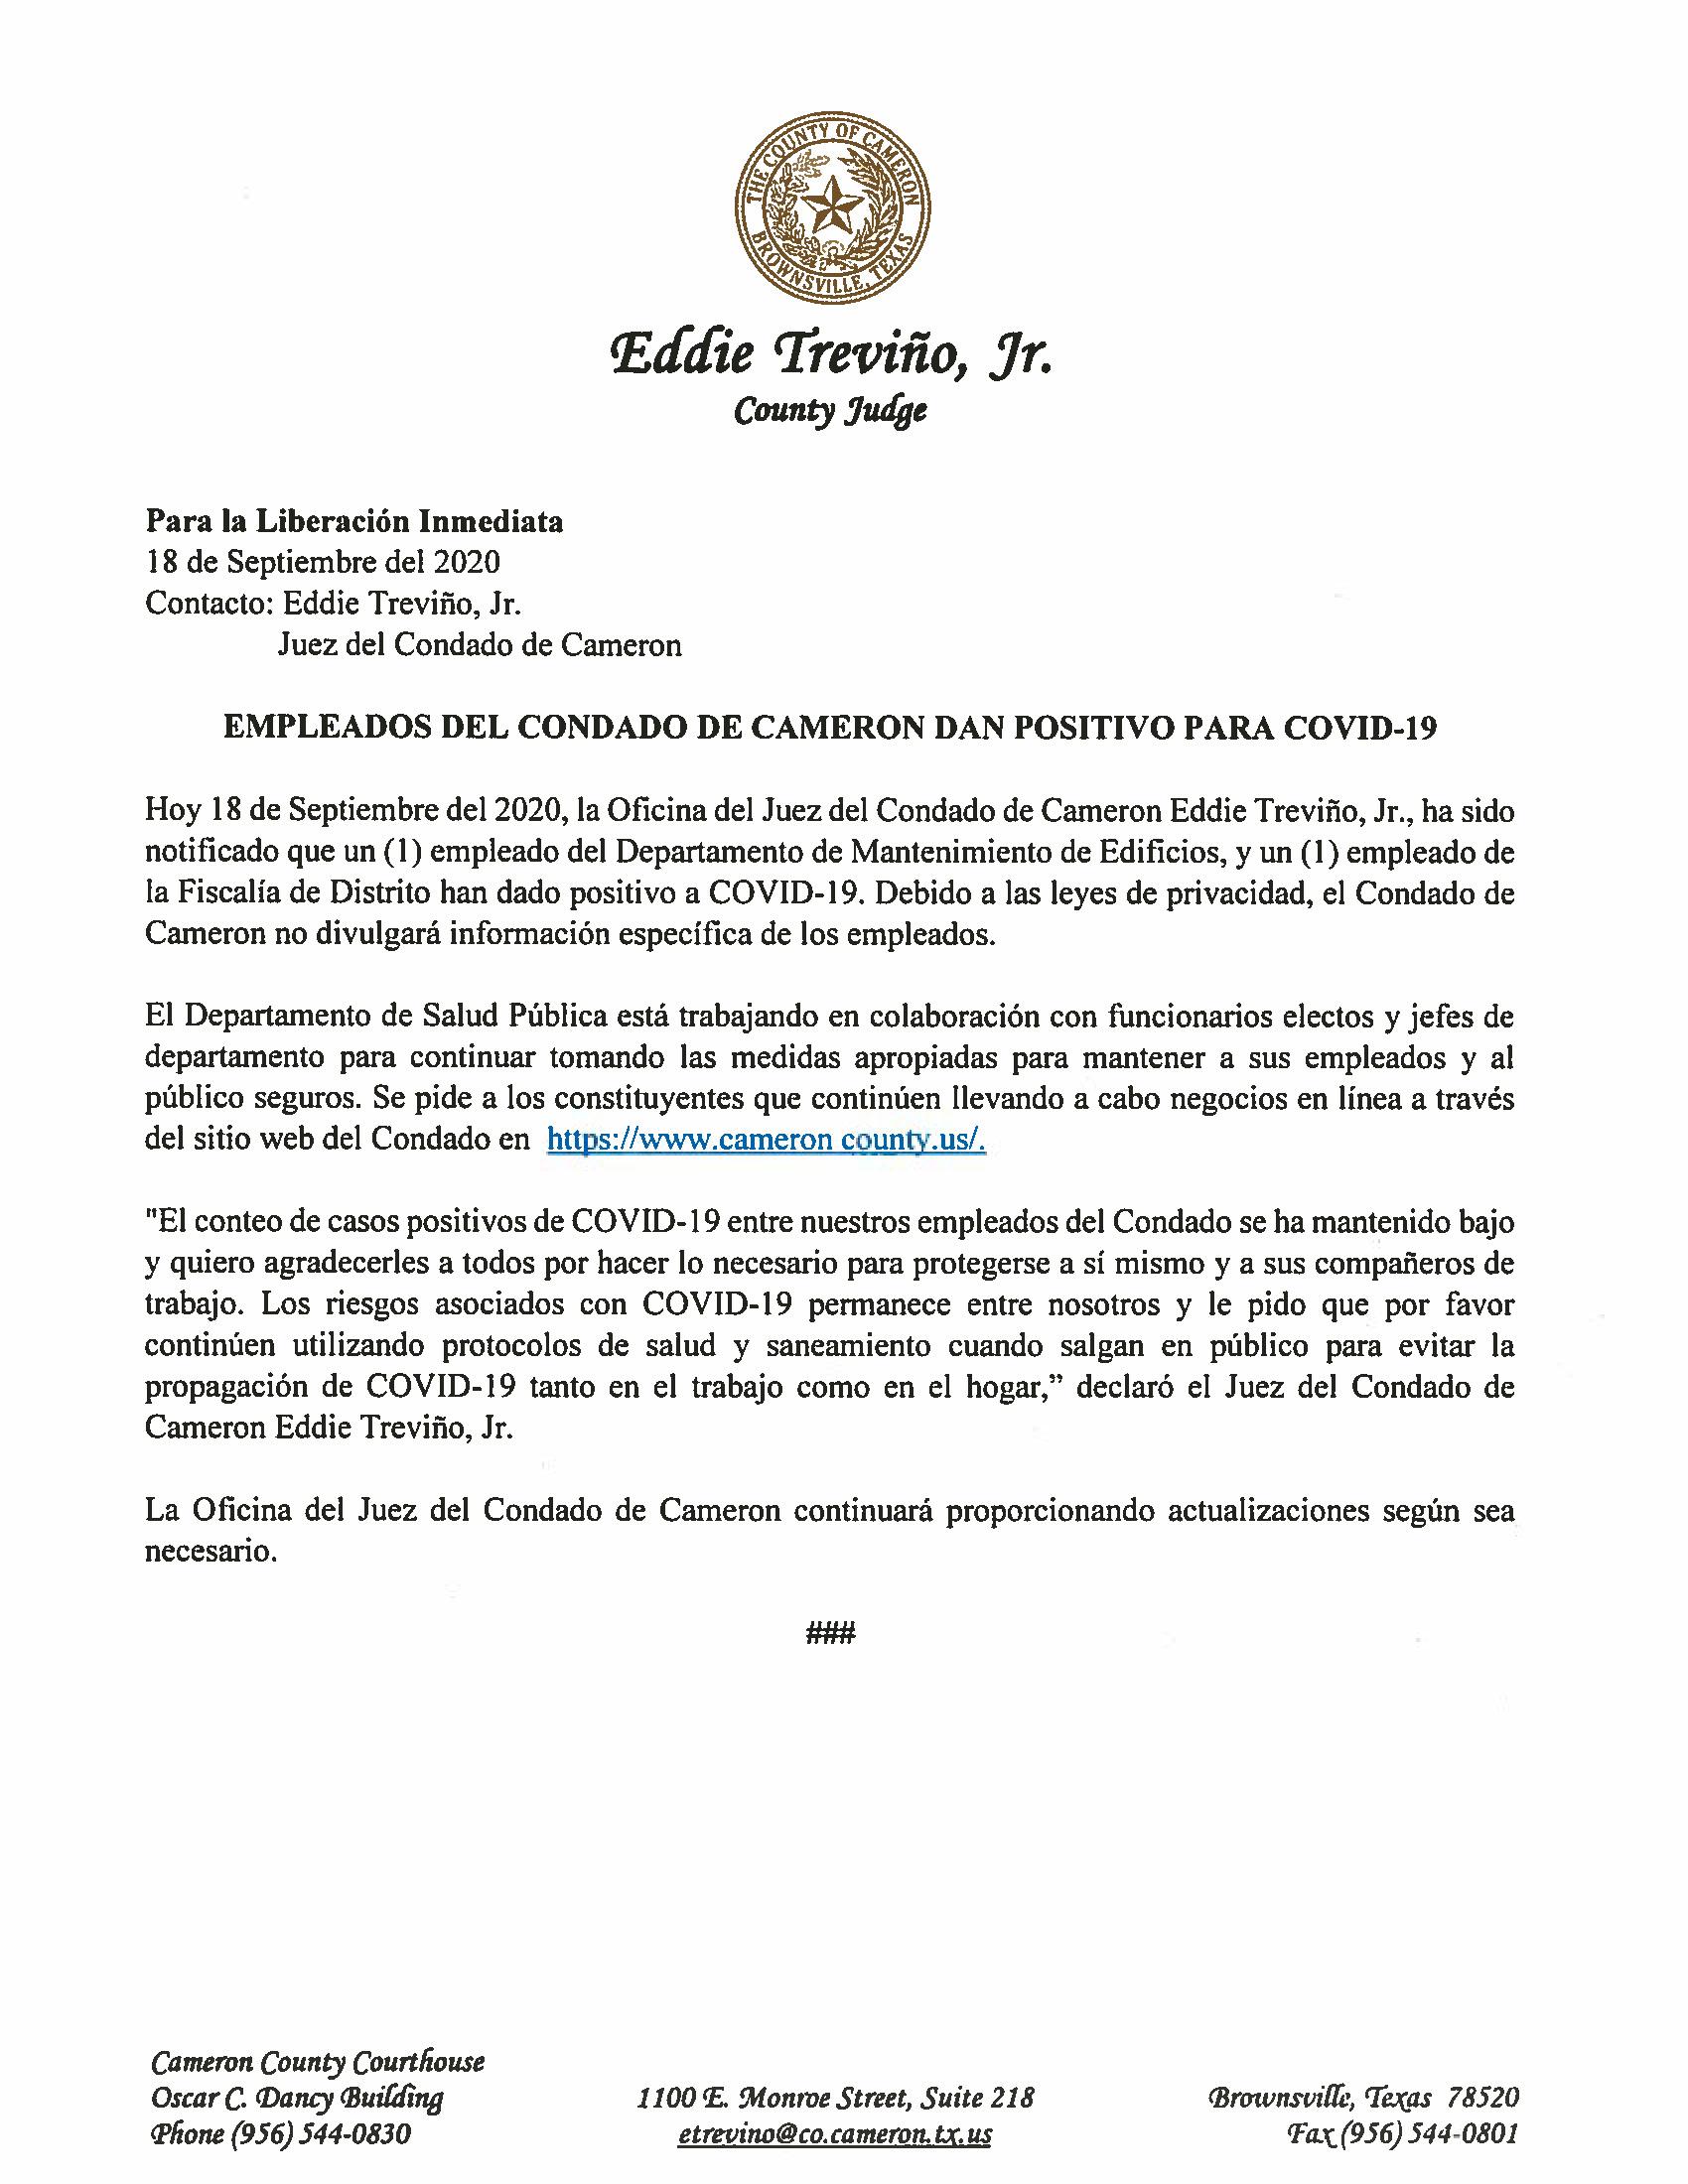 09.18.2020 Empleados Del Condado De Cameron Dan Positivo Para COVID 19